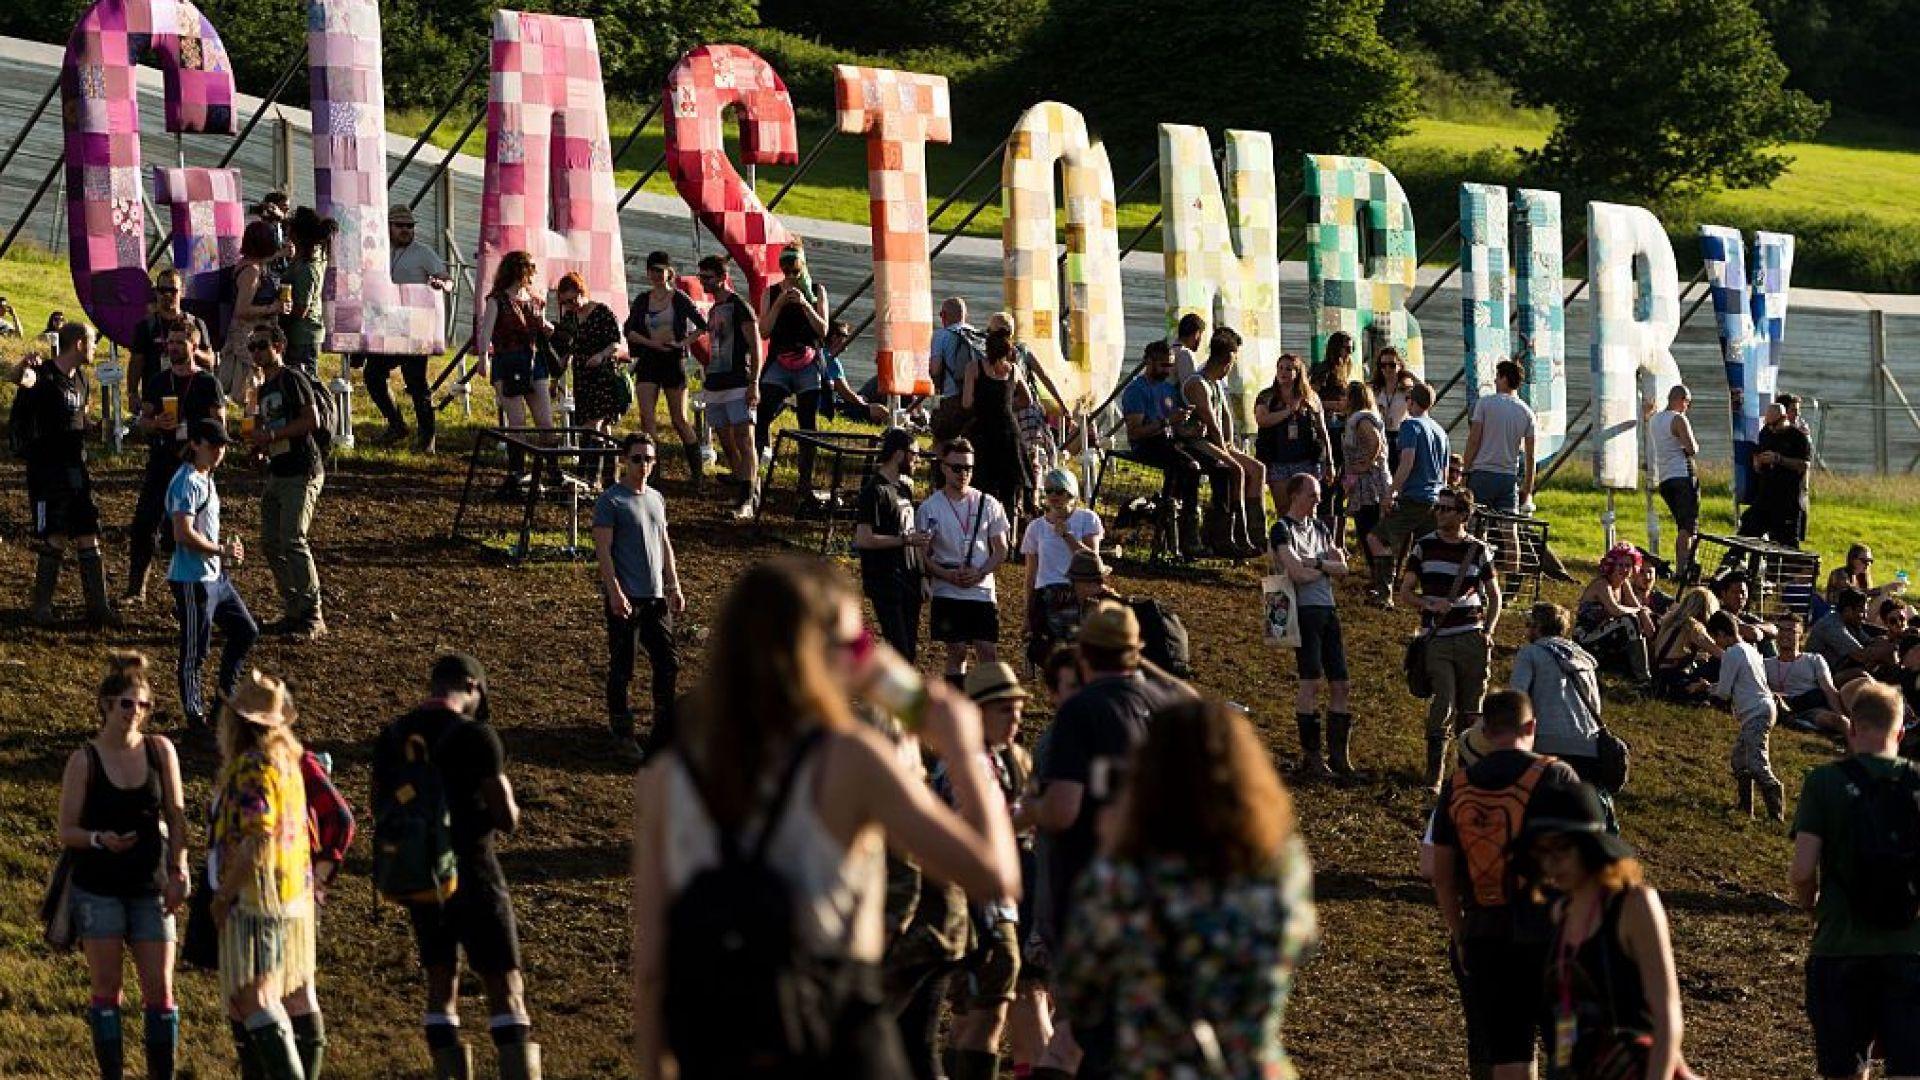 Въпреки 50-ата му годишнина, фестивалът Гластънбъри беше отменен